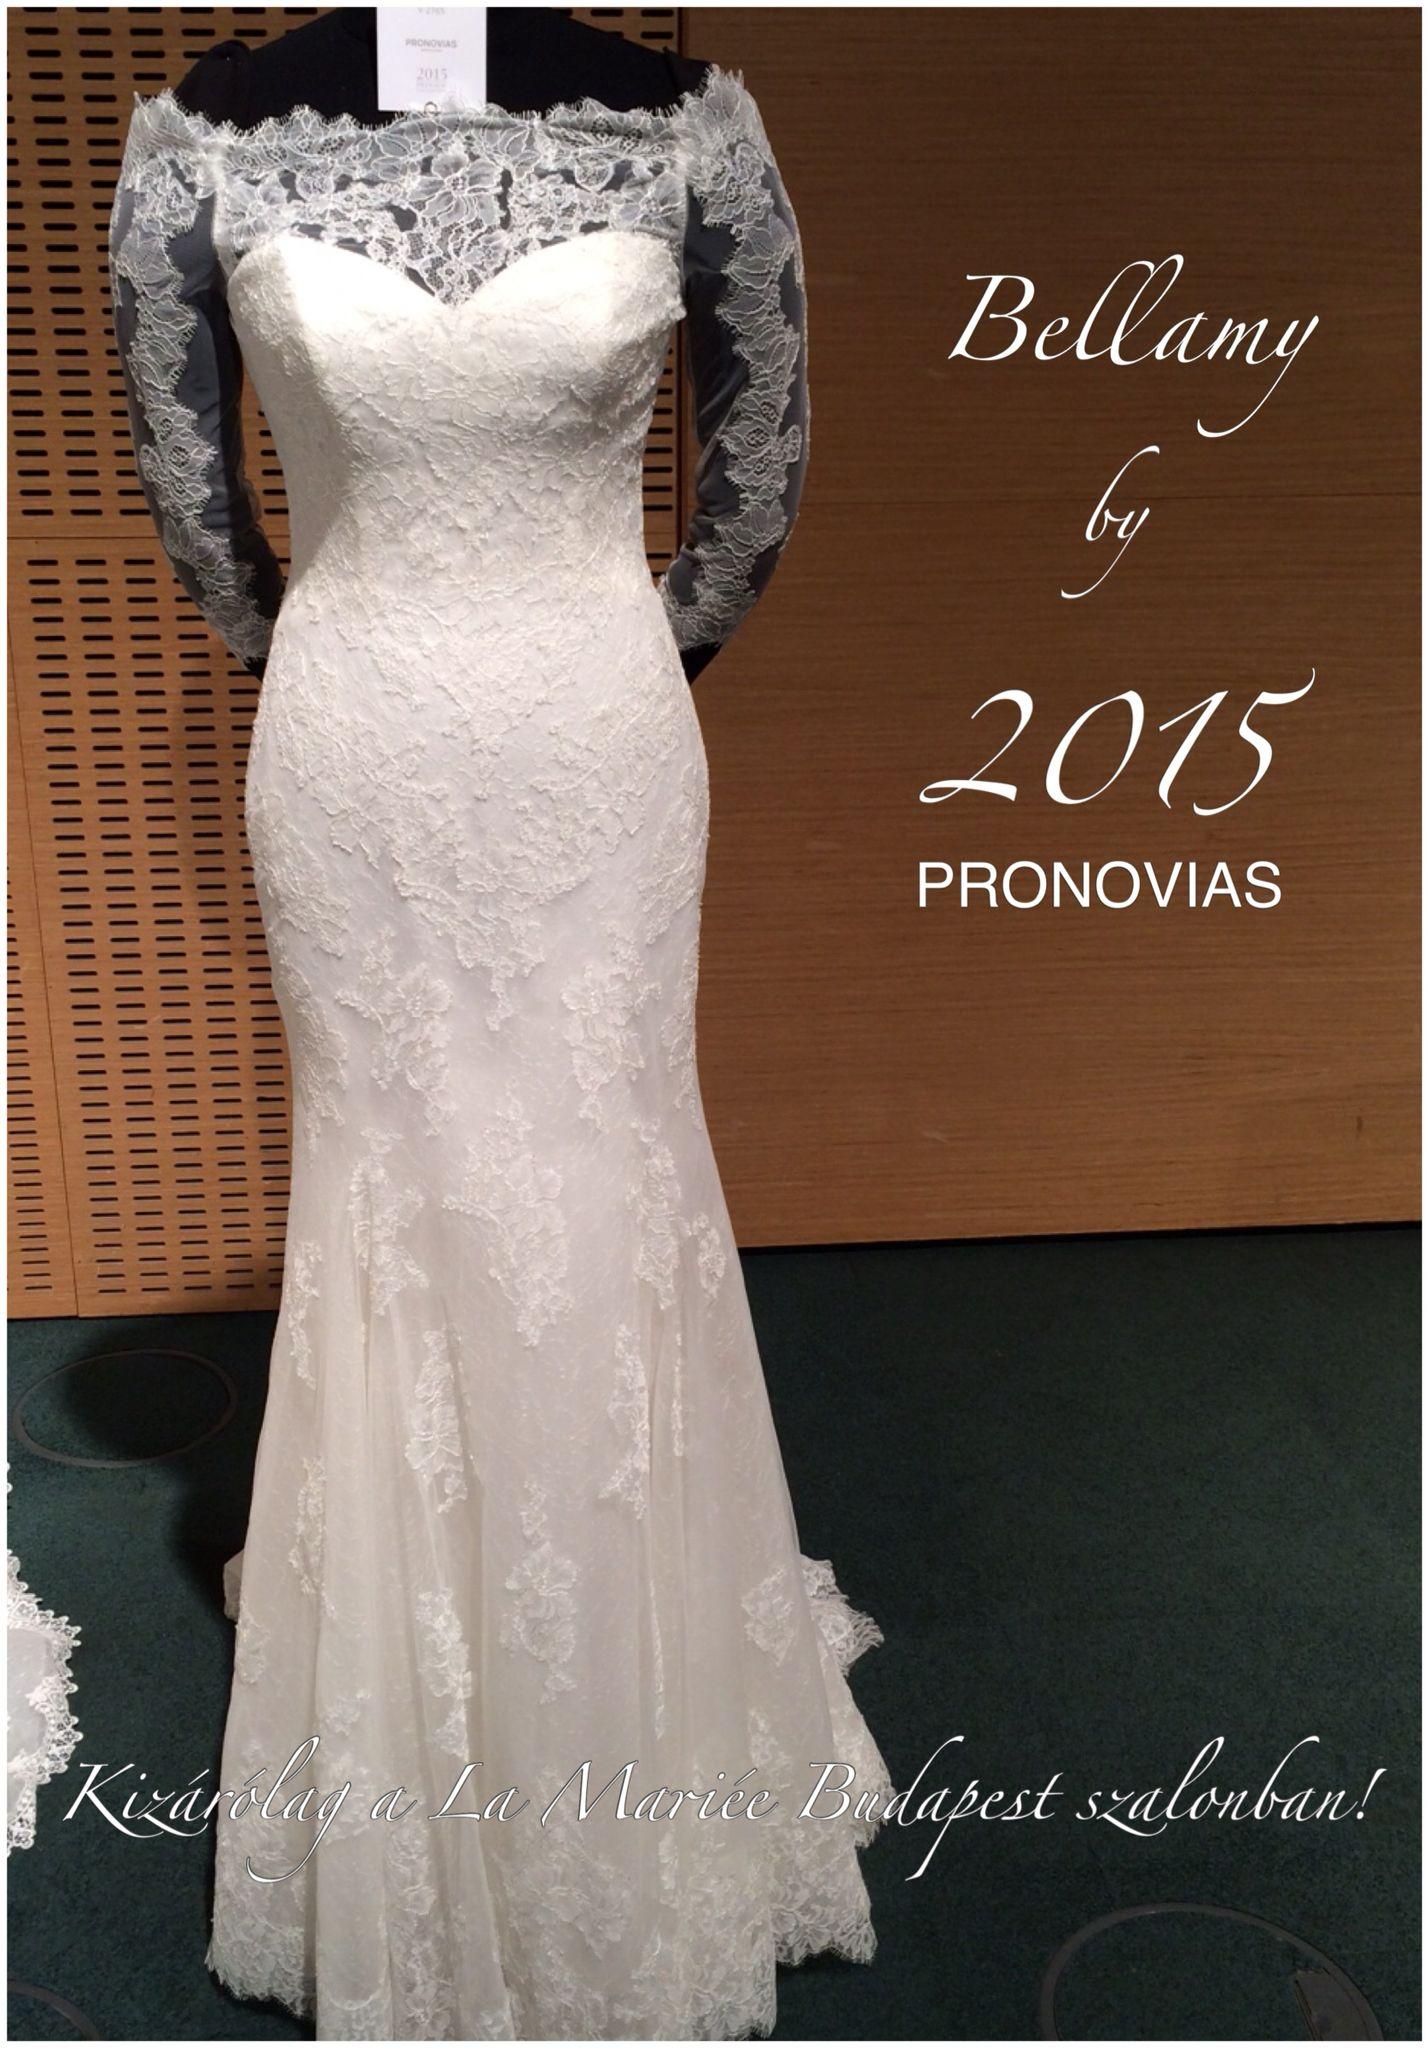 Bellamy esküvői ruha - Pronovias 2015 kollekció  4adec1b459